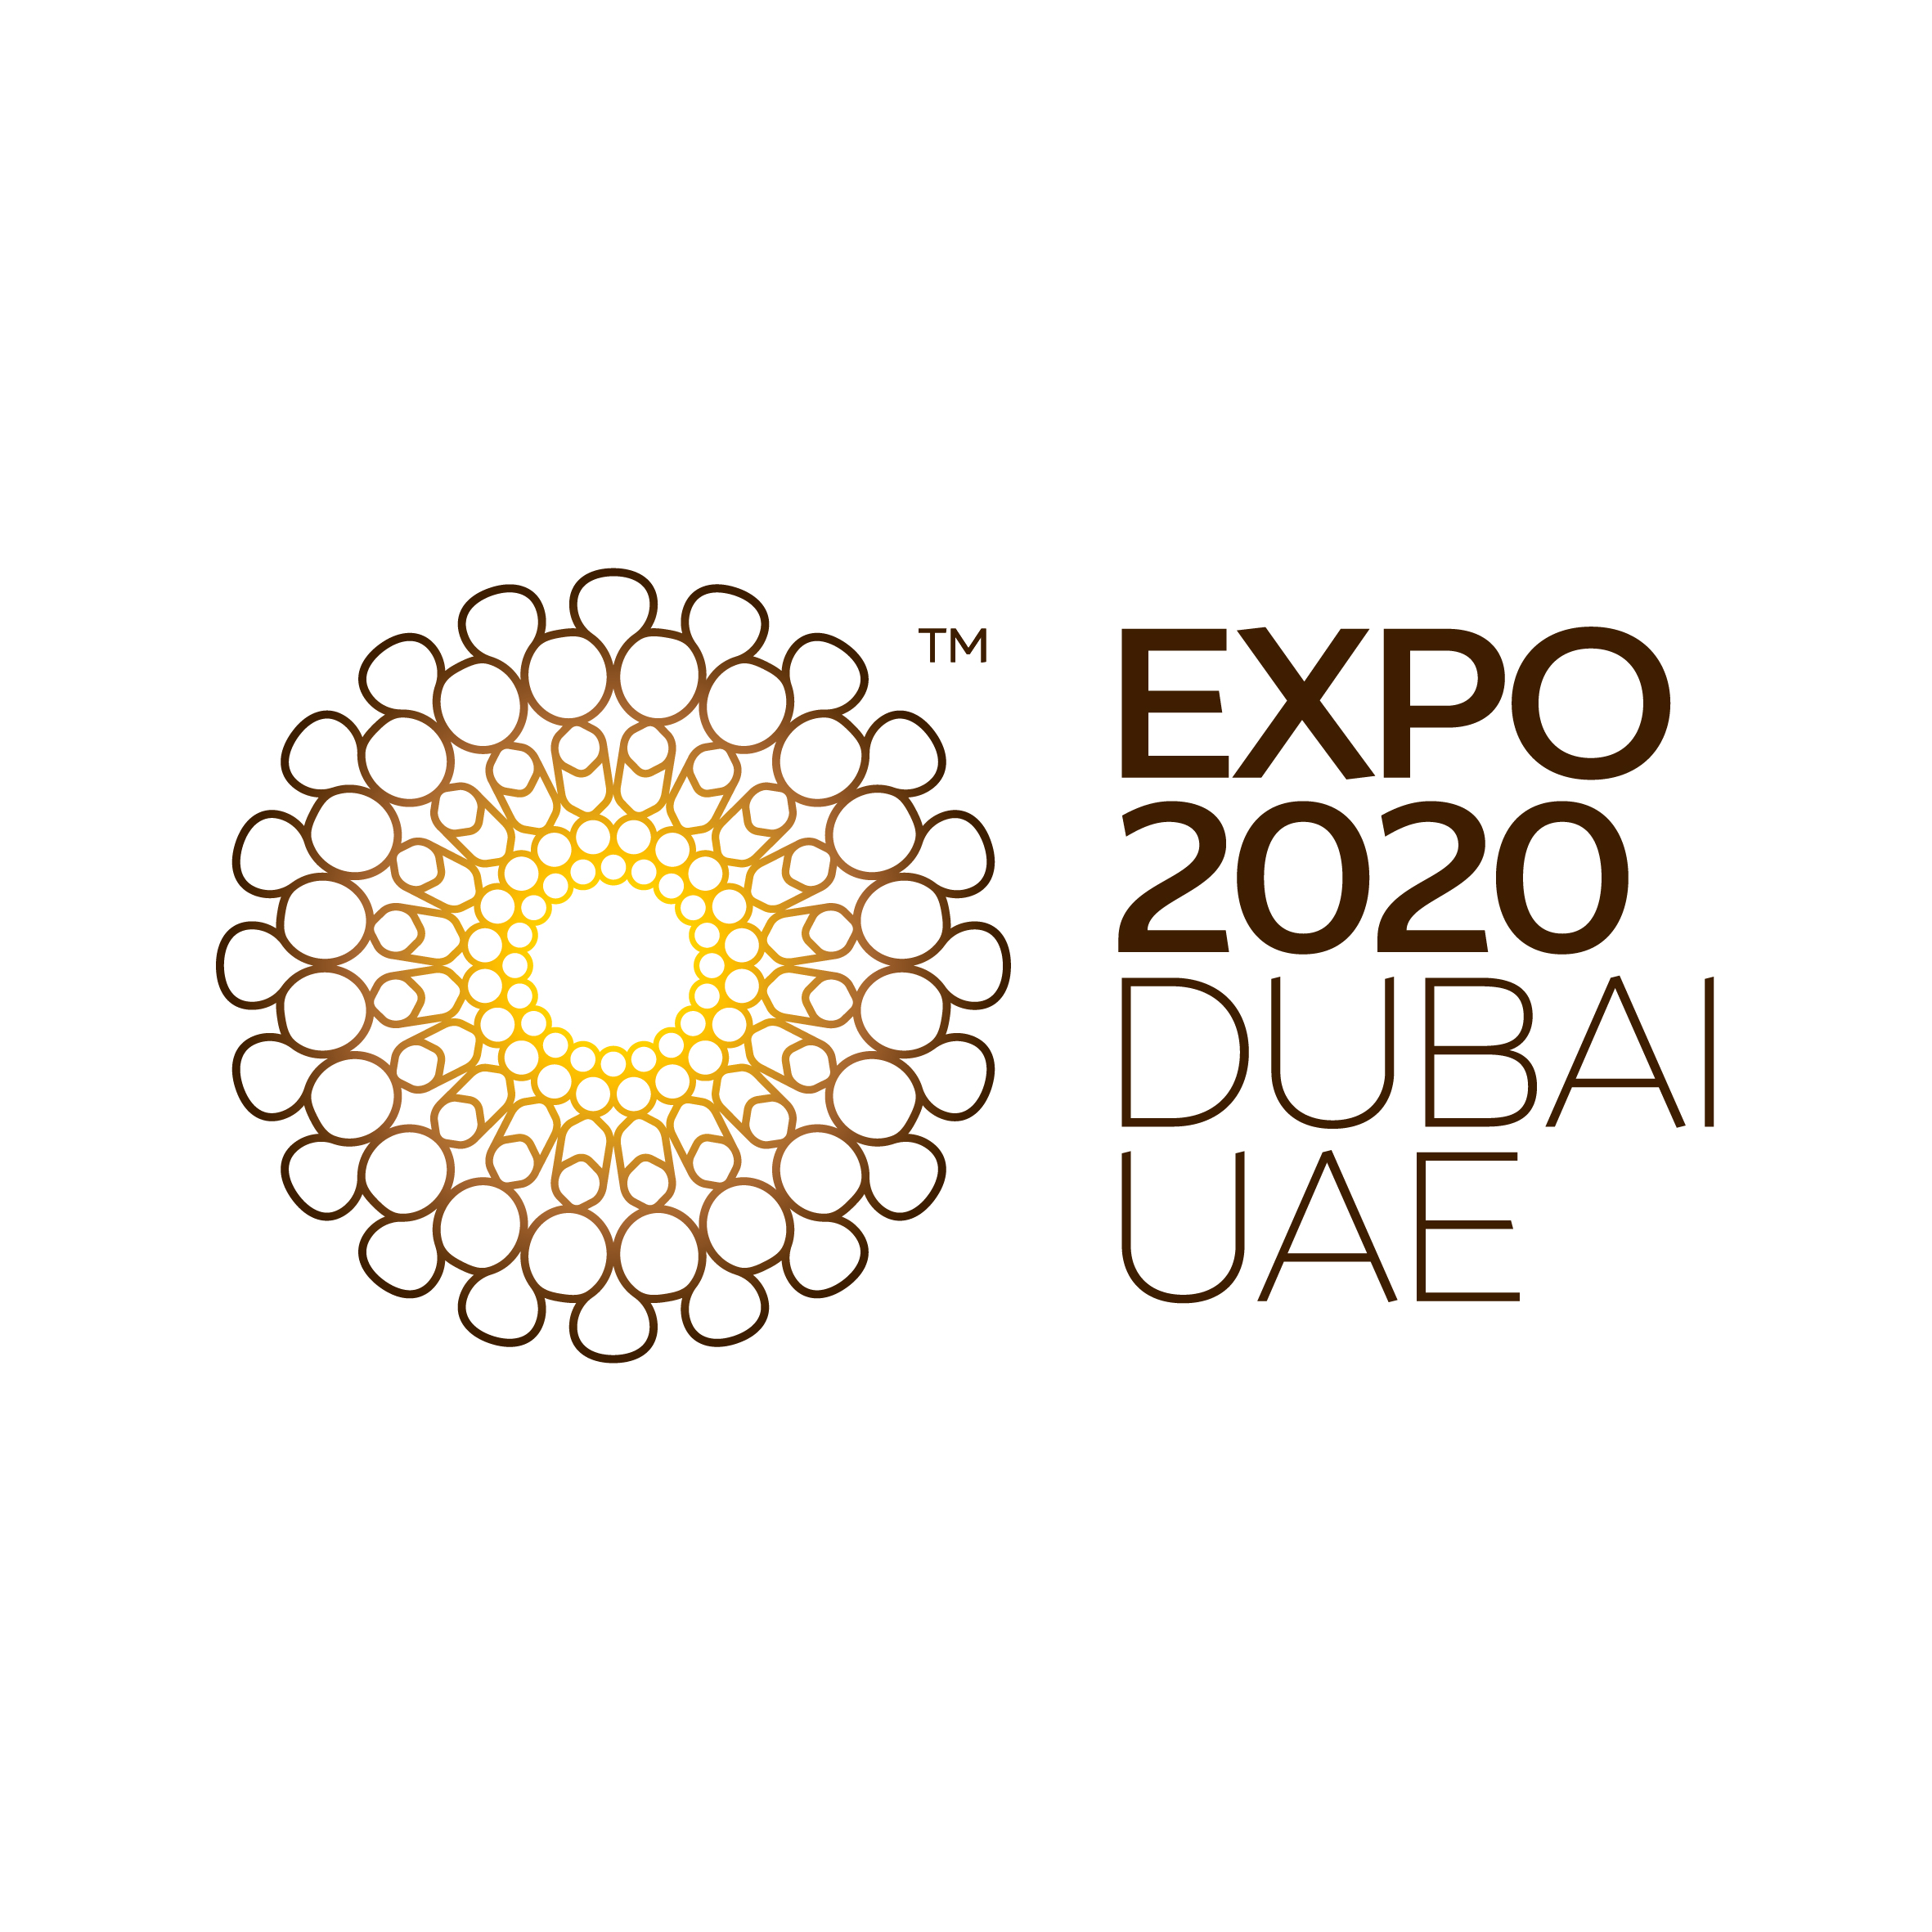 Verso EXPO Dubai 2020: un bando della Regione Emilia-Romagna per partecipare alla missione promozionale e istituzionale negli Emirati Arabi Uniti. Candidature fino al 10 agosto